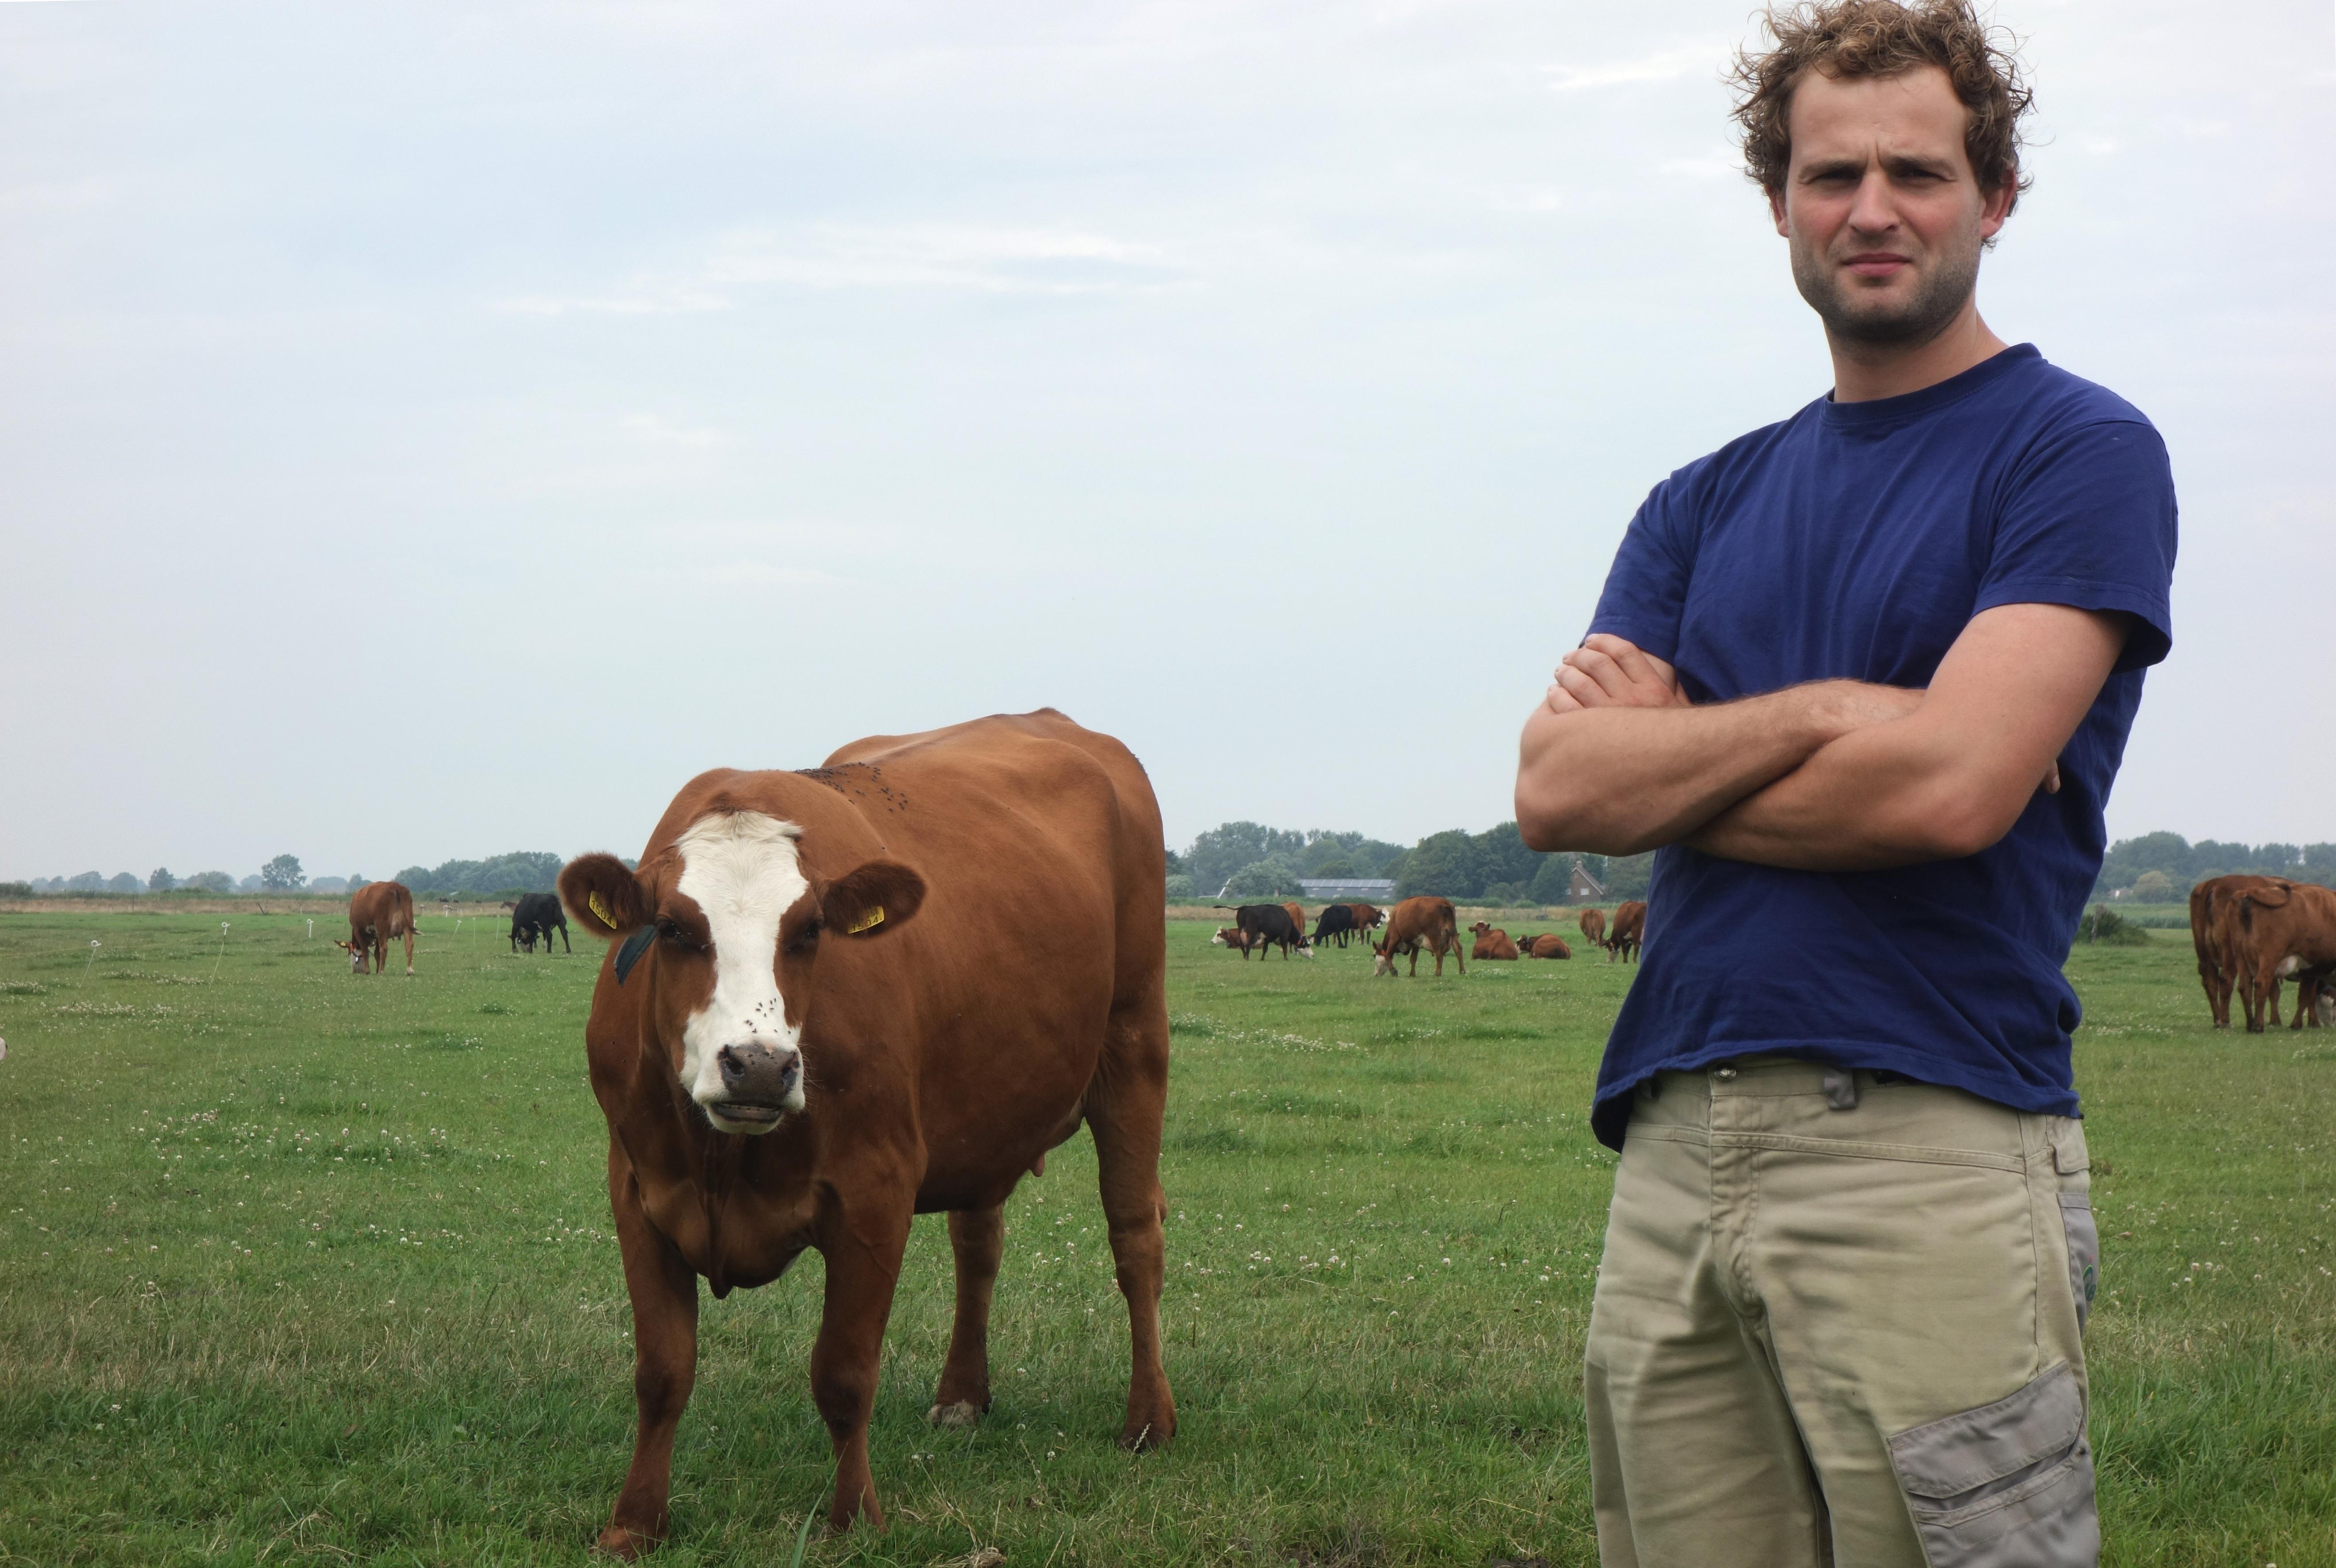 'De stille kracht van biologisch boeren'